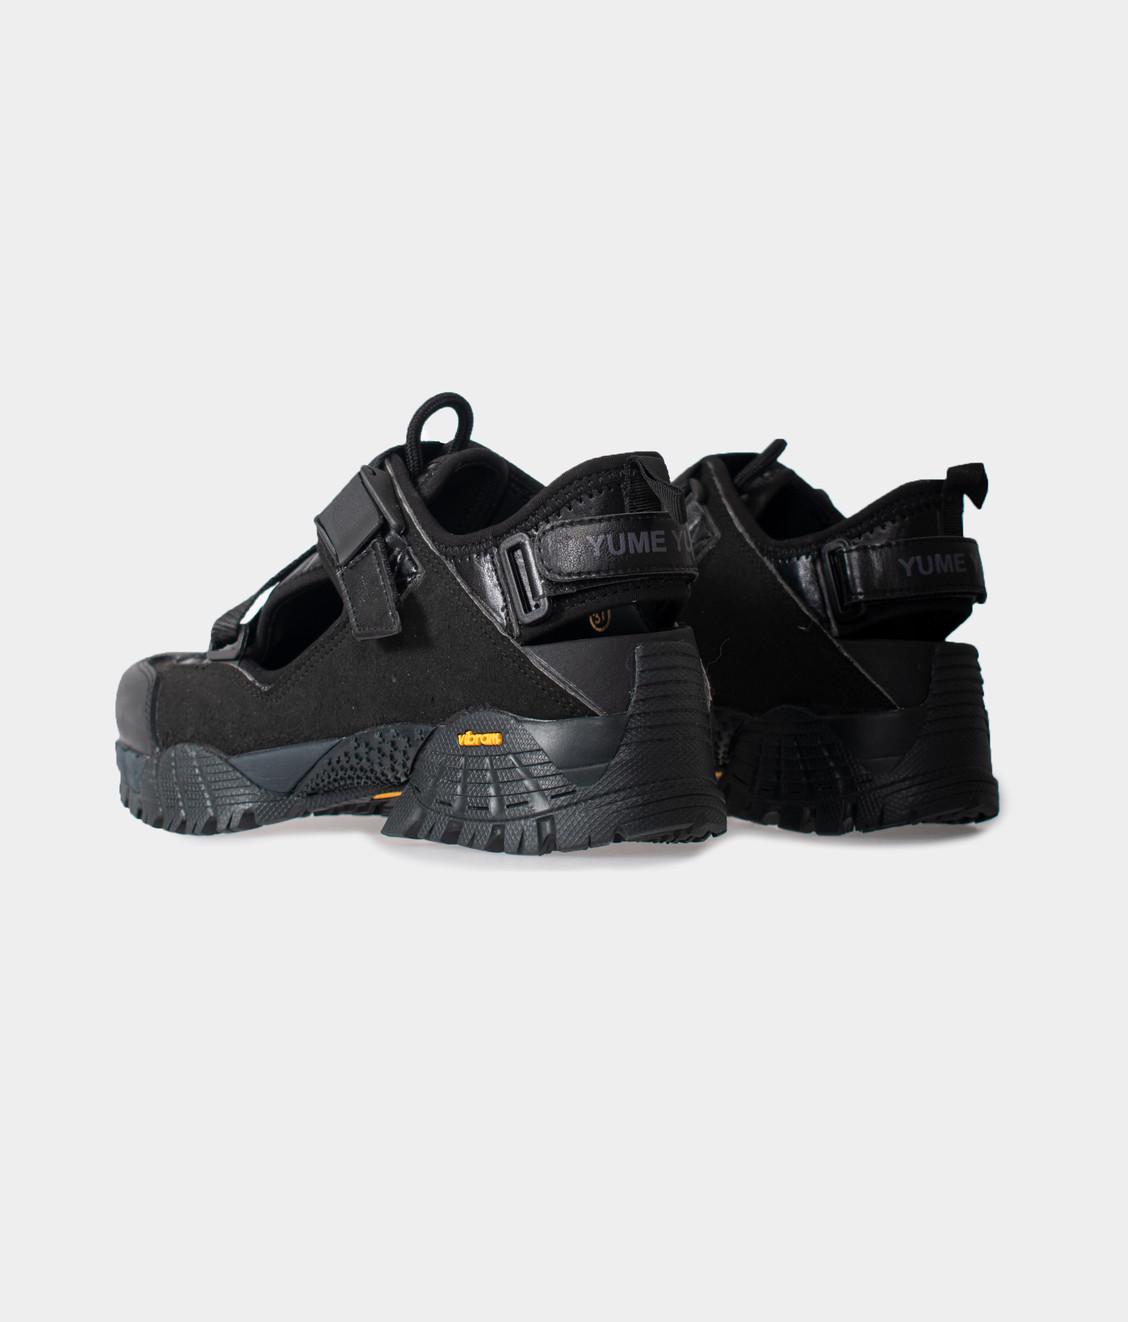 Yume Yume Yume Hiking Sandal Black